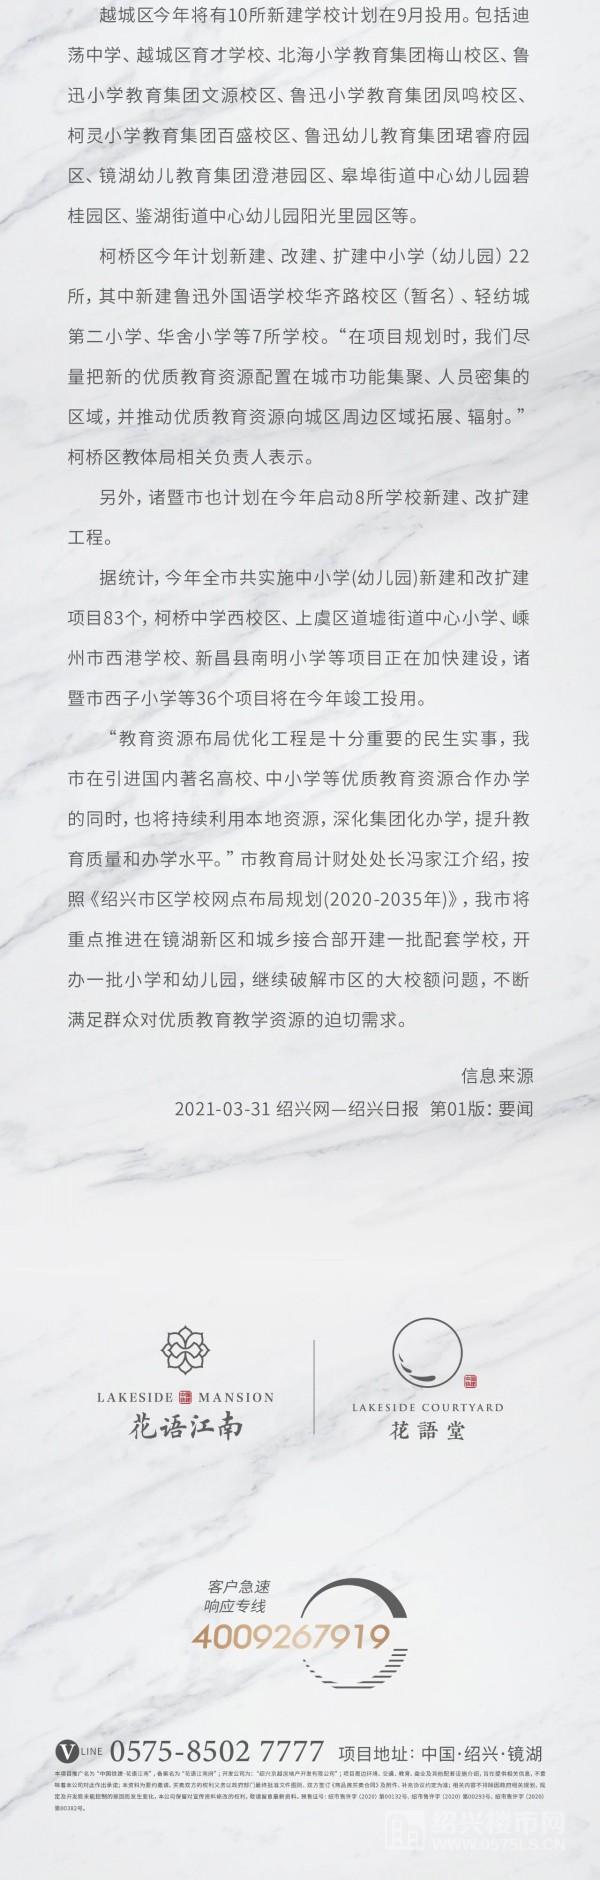 芳菲徐来 至以为念丨中国铁建·花语江南4月家书  第9张